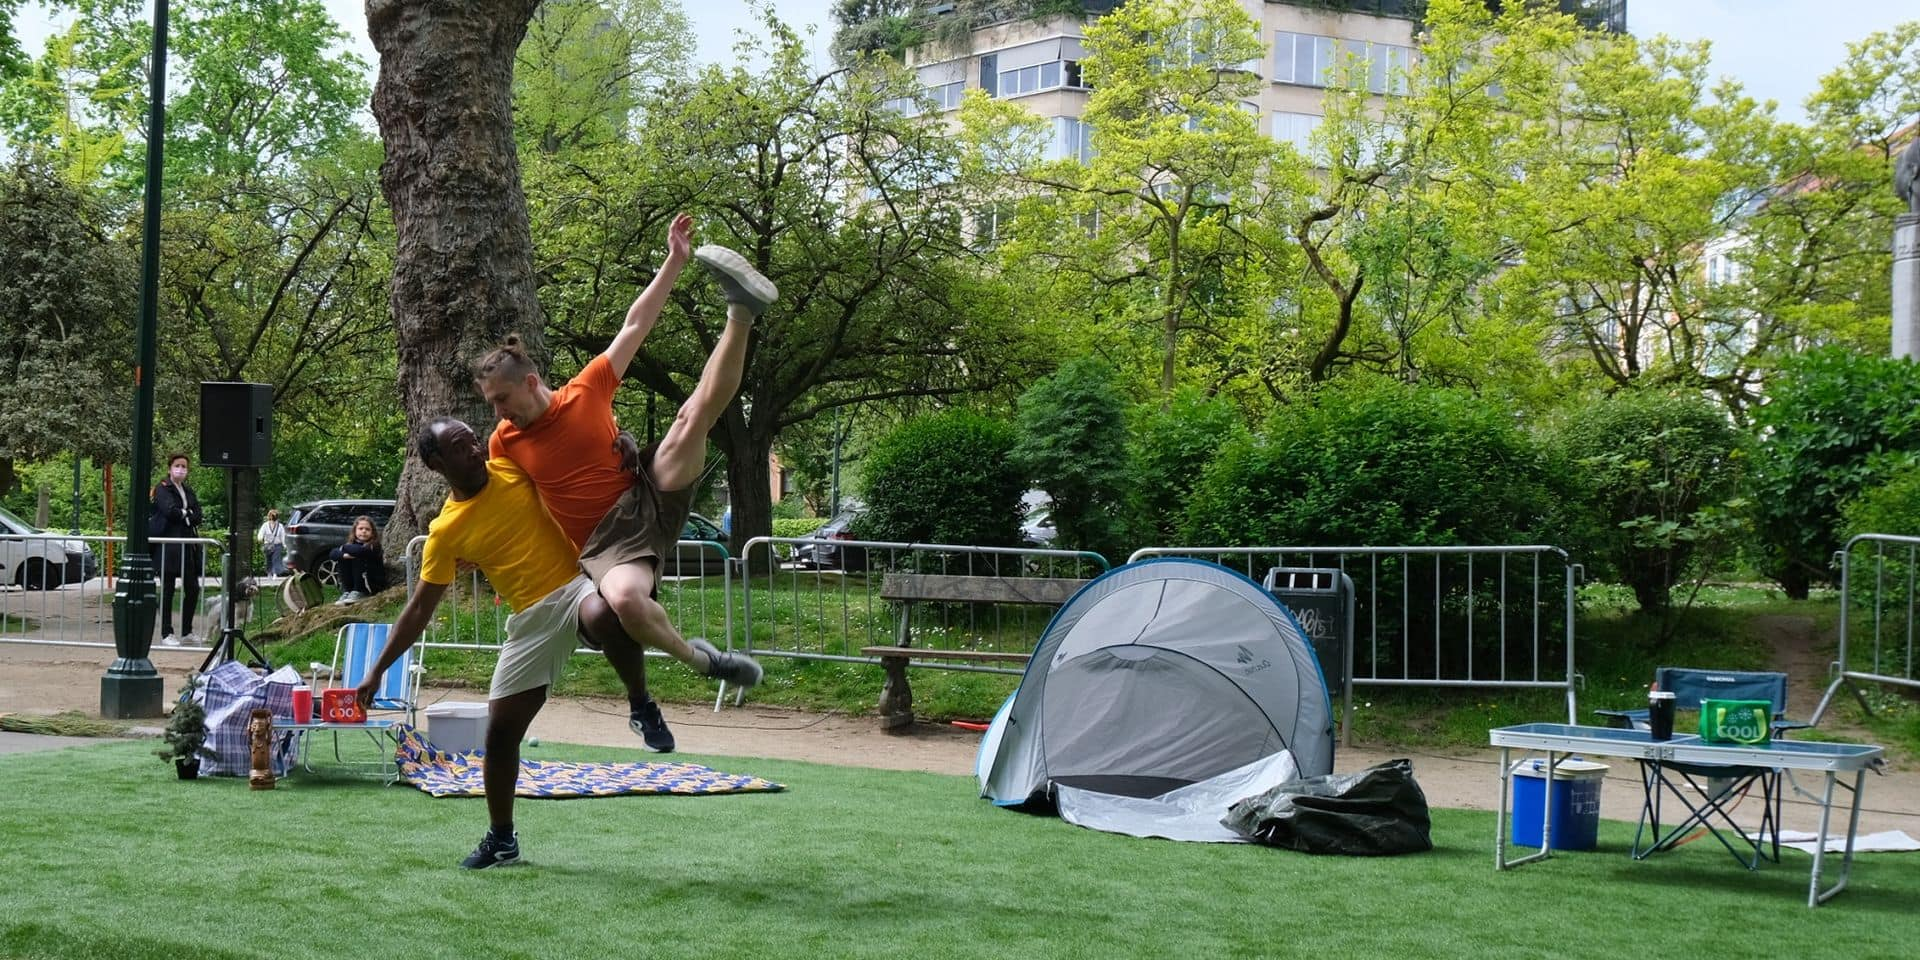 Camping sauvage et dansé